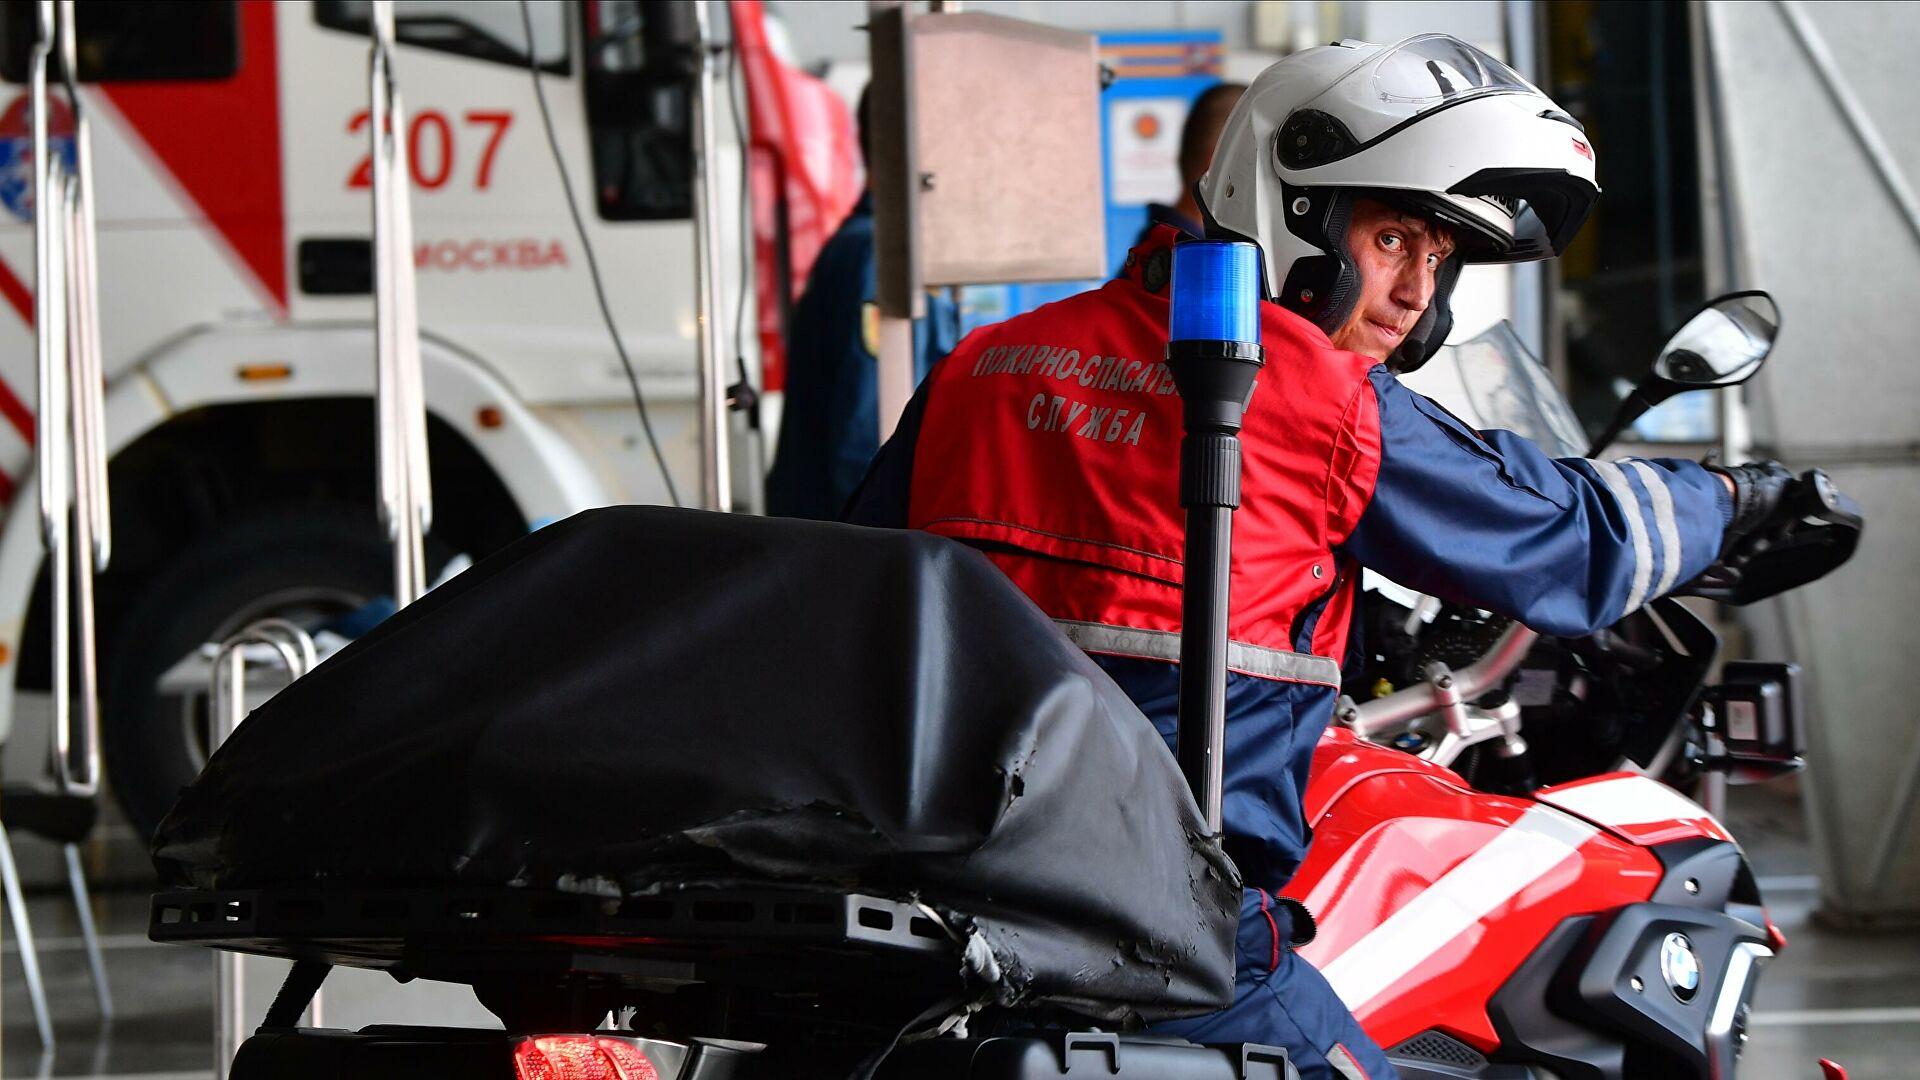 Предельная собранность: один день из жизни спасателей на мотоциклах